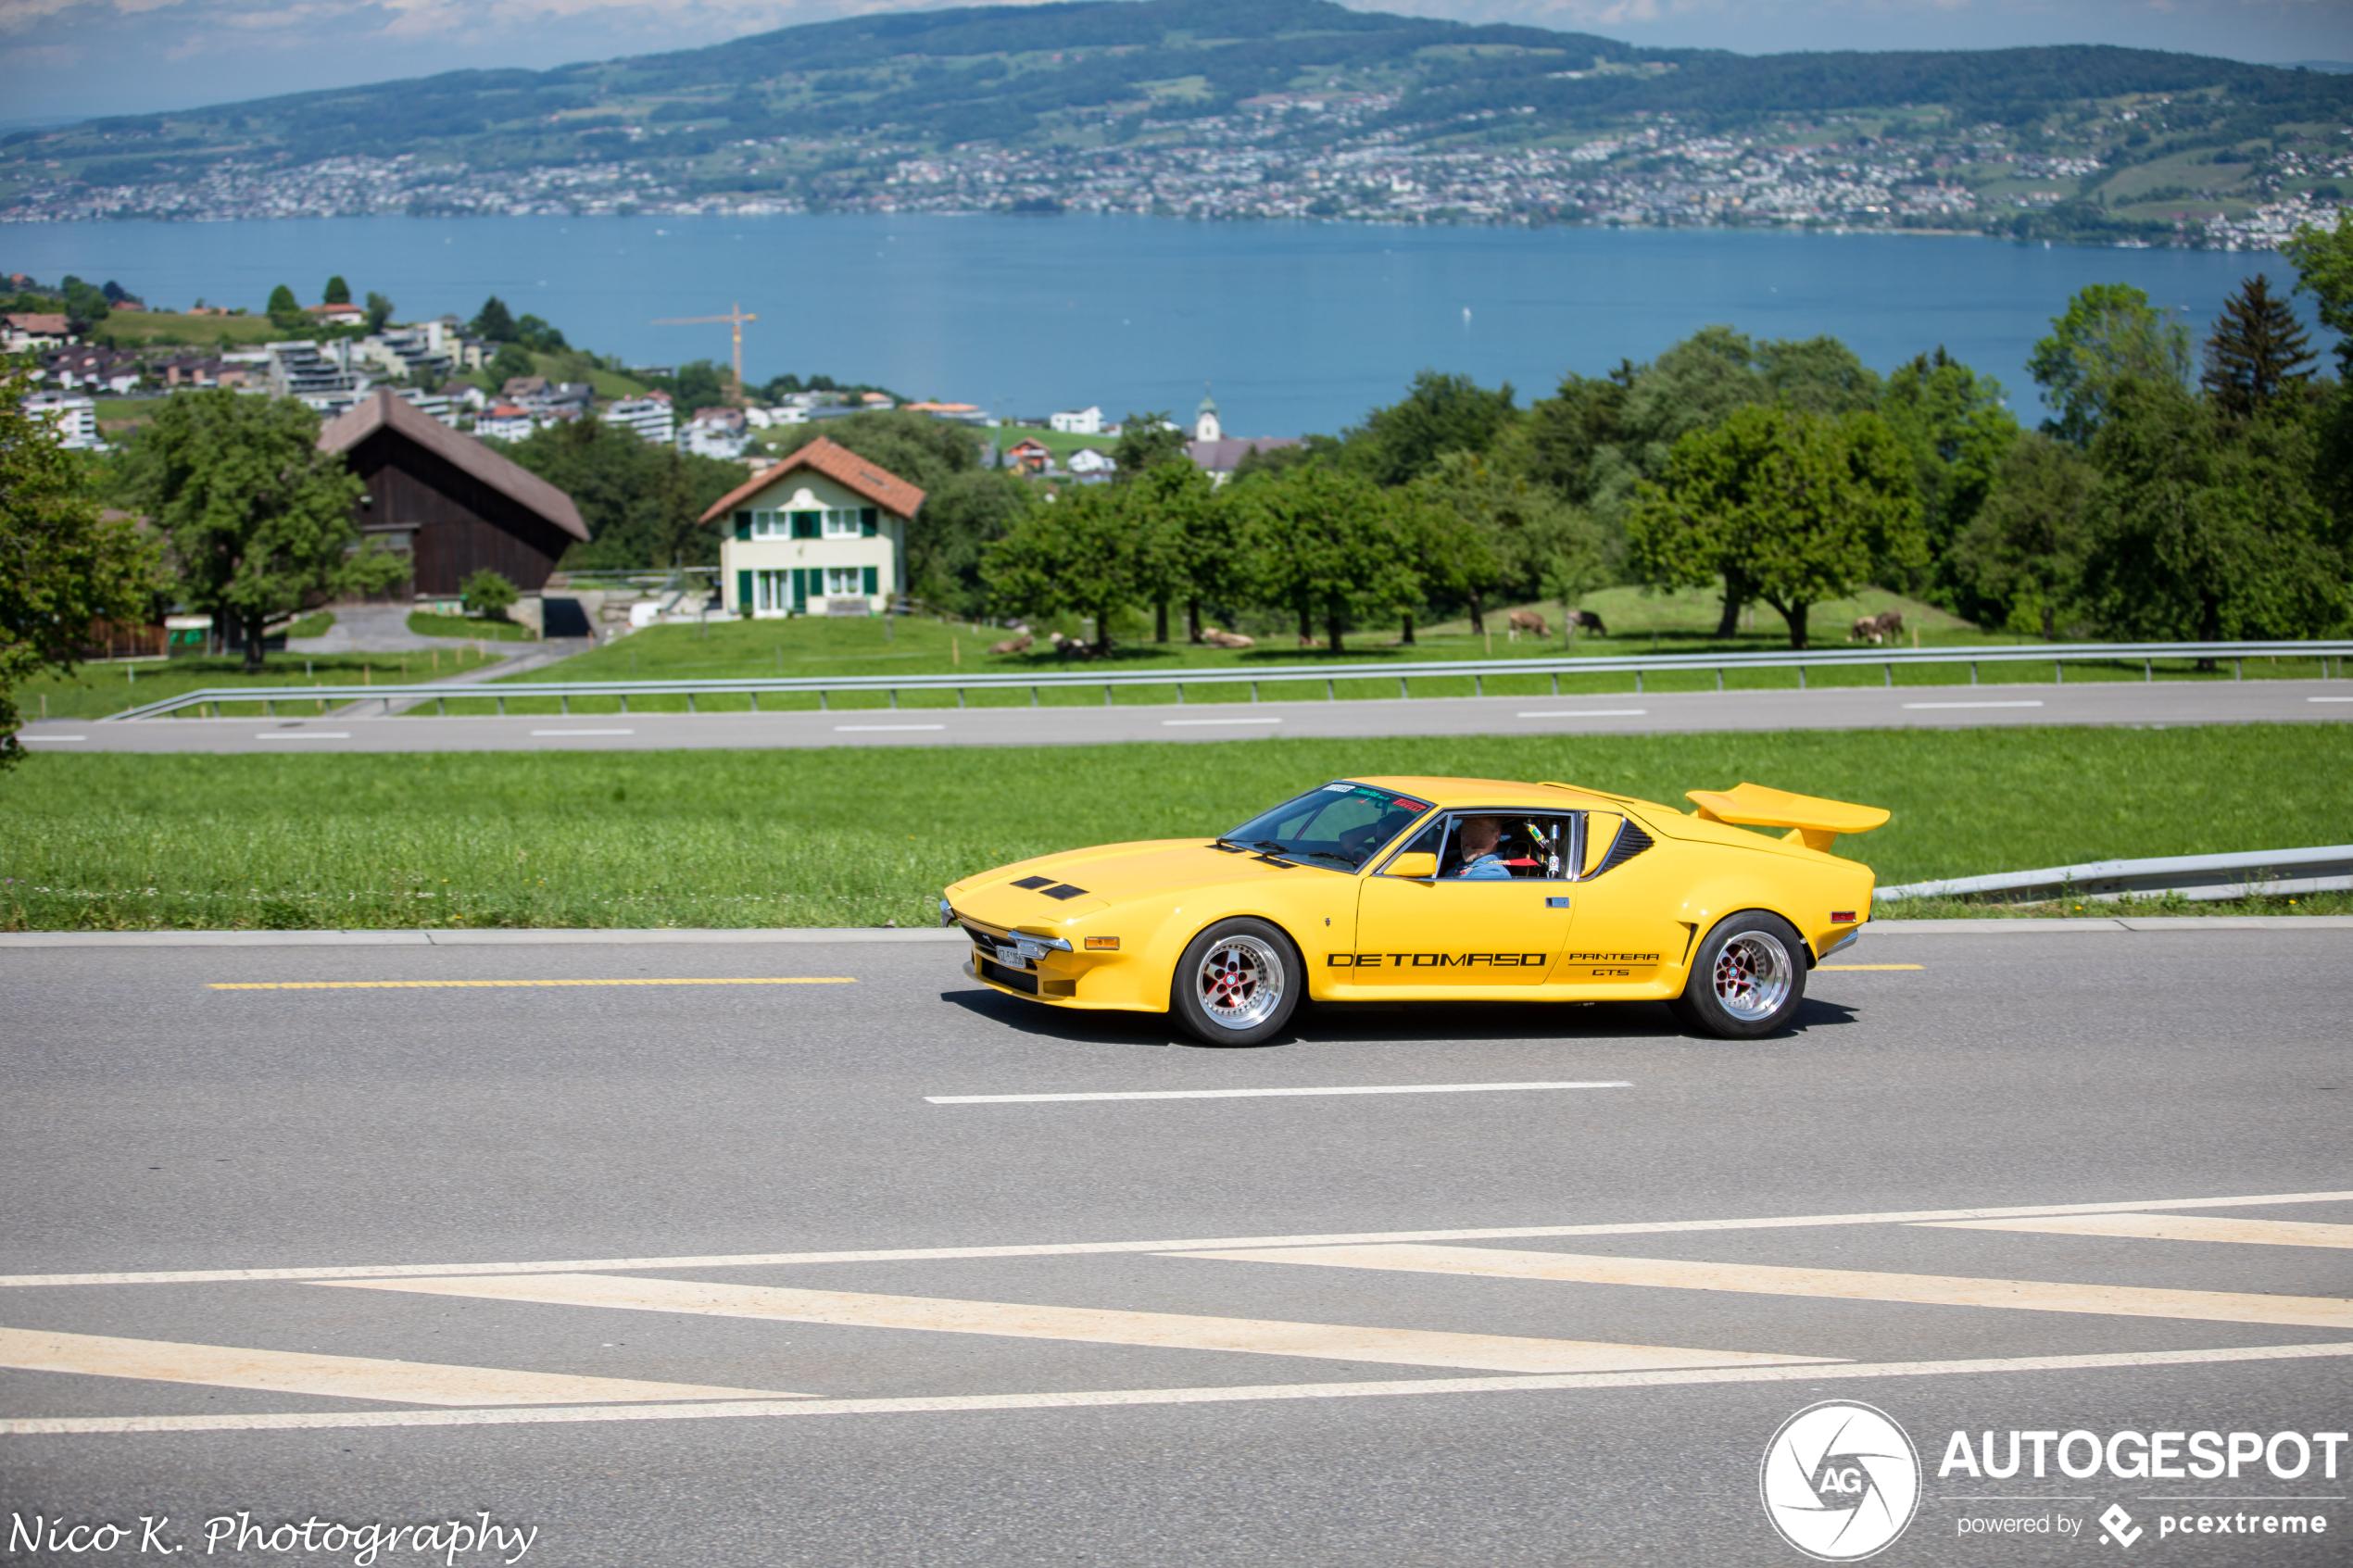 De Tomaso Pantera GTS is een Countach-light